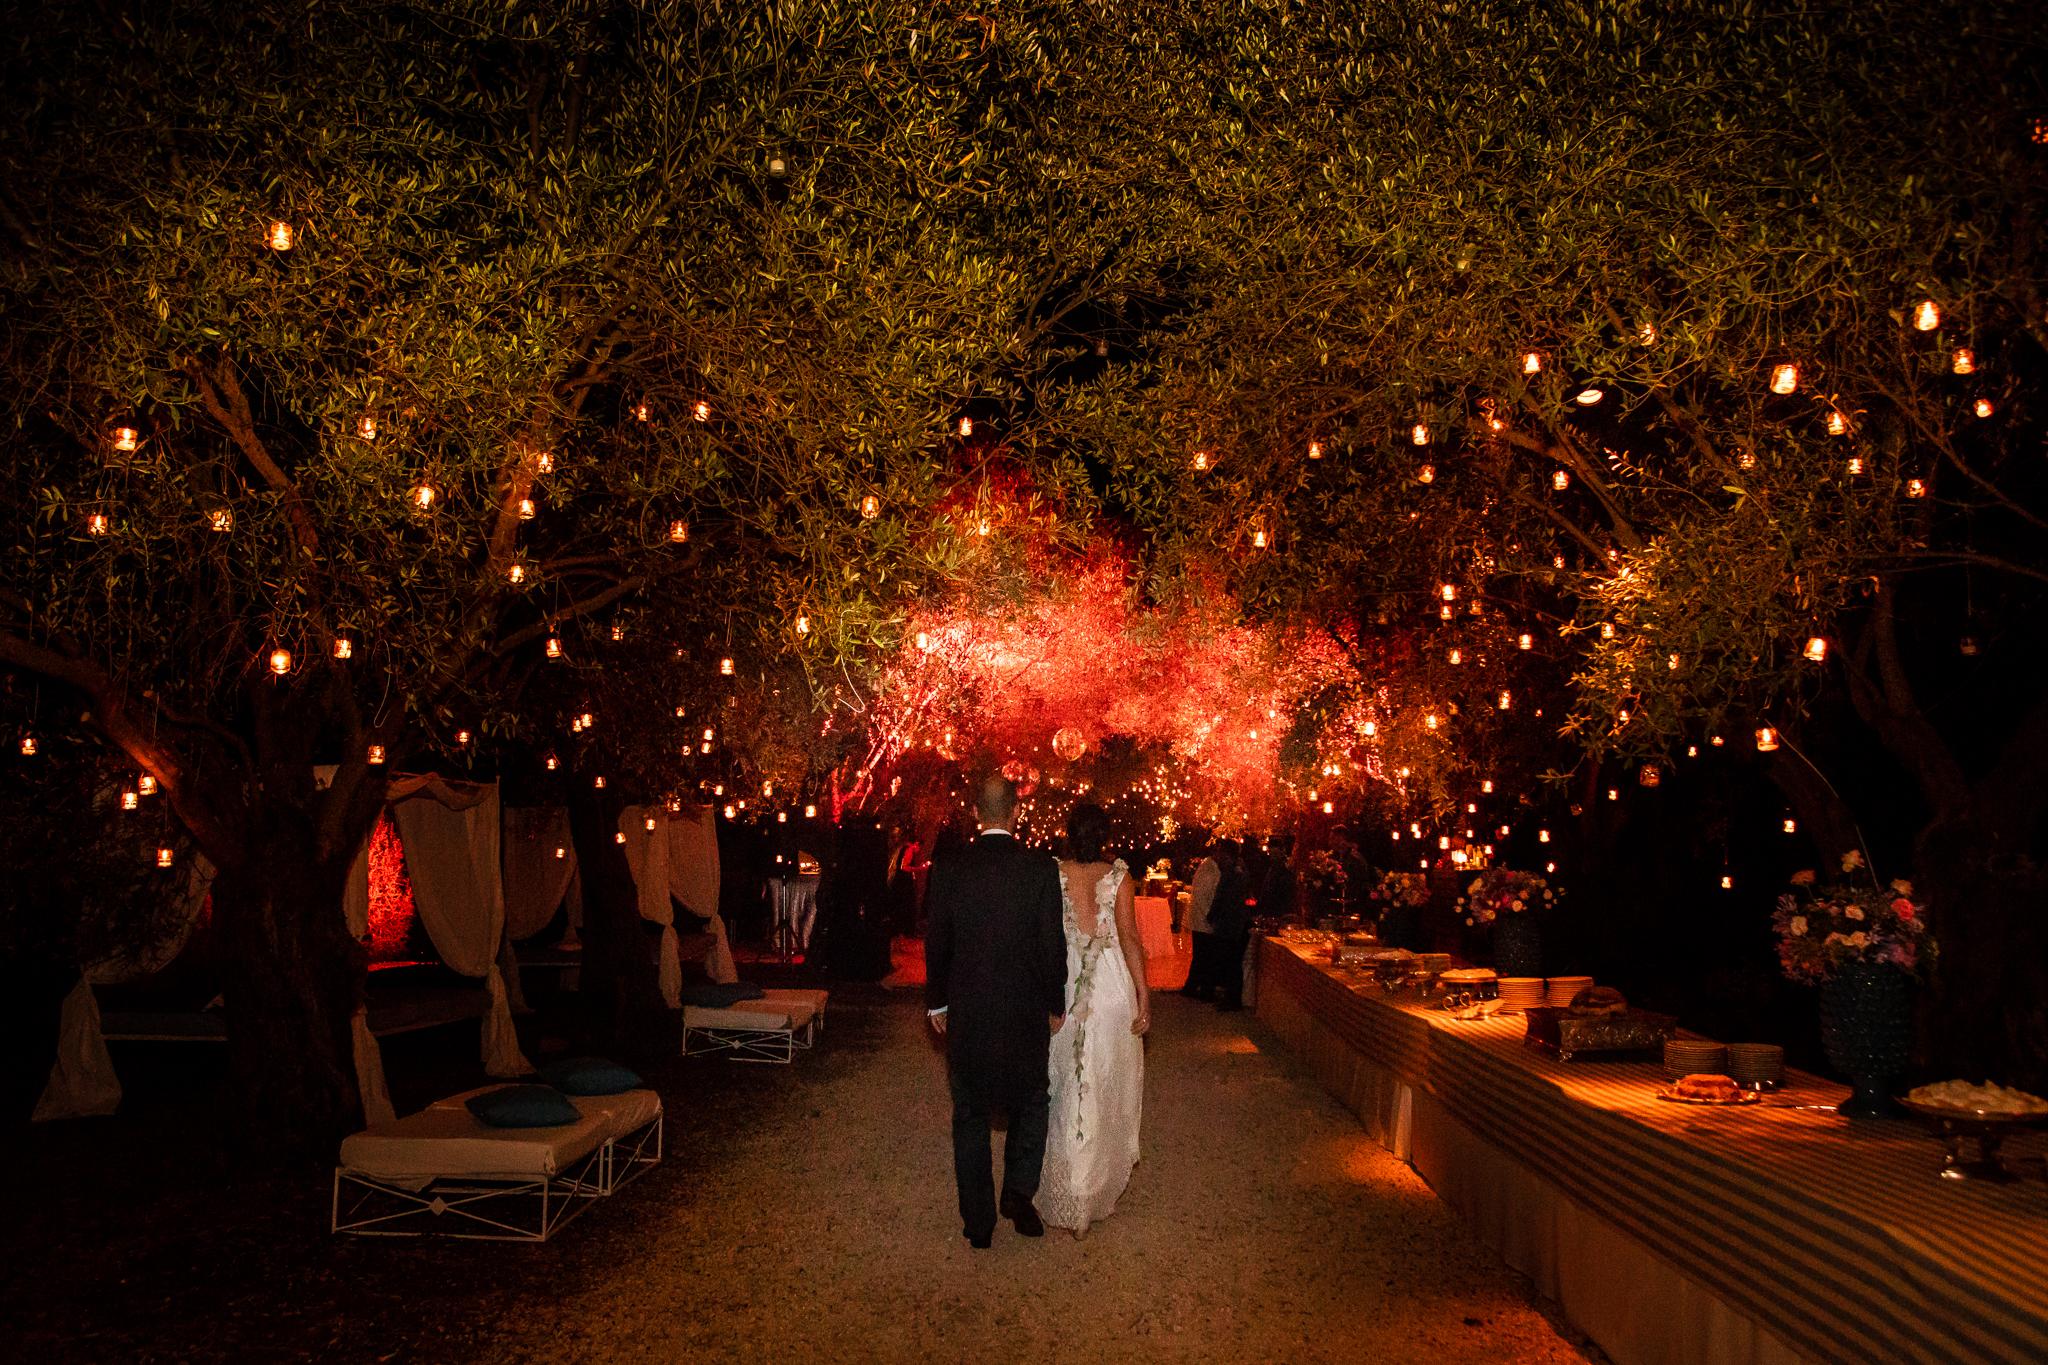 Enkant-fotografo-matrimonio-sicilia-story-39.jpg